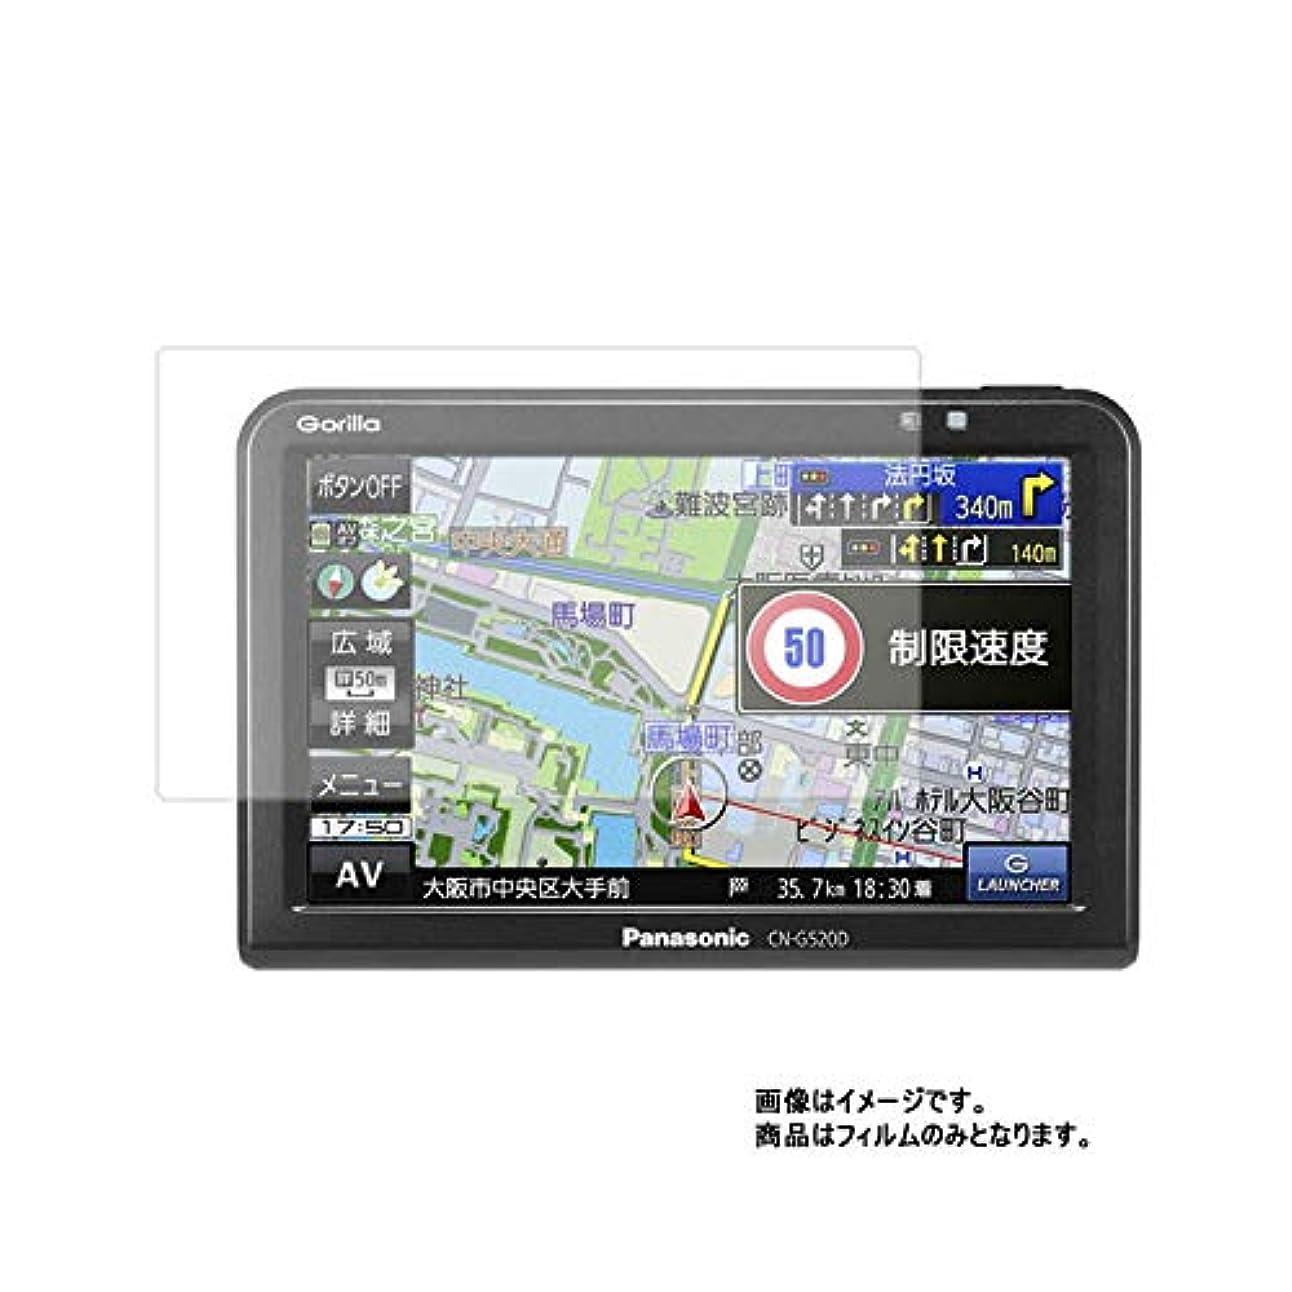 遵守する守る説明的【2枚セット】Panasonic Gorilla CN-G520D 用【反射防止ノンフィラータイプ】液晶保護フィルム ギラツキなし